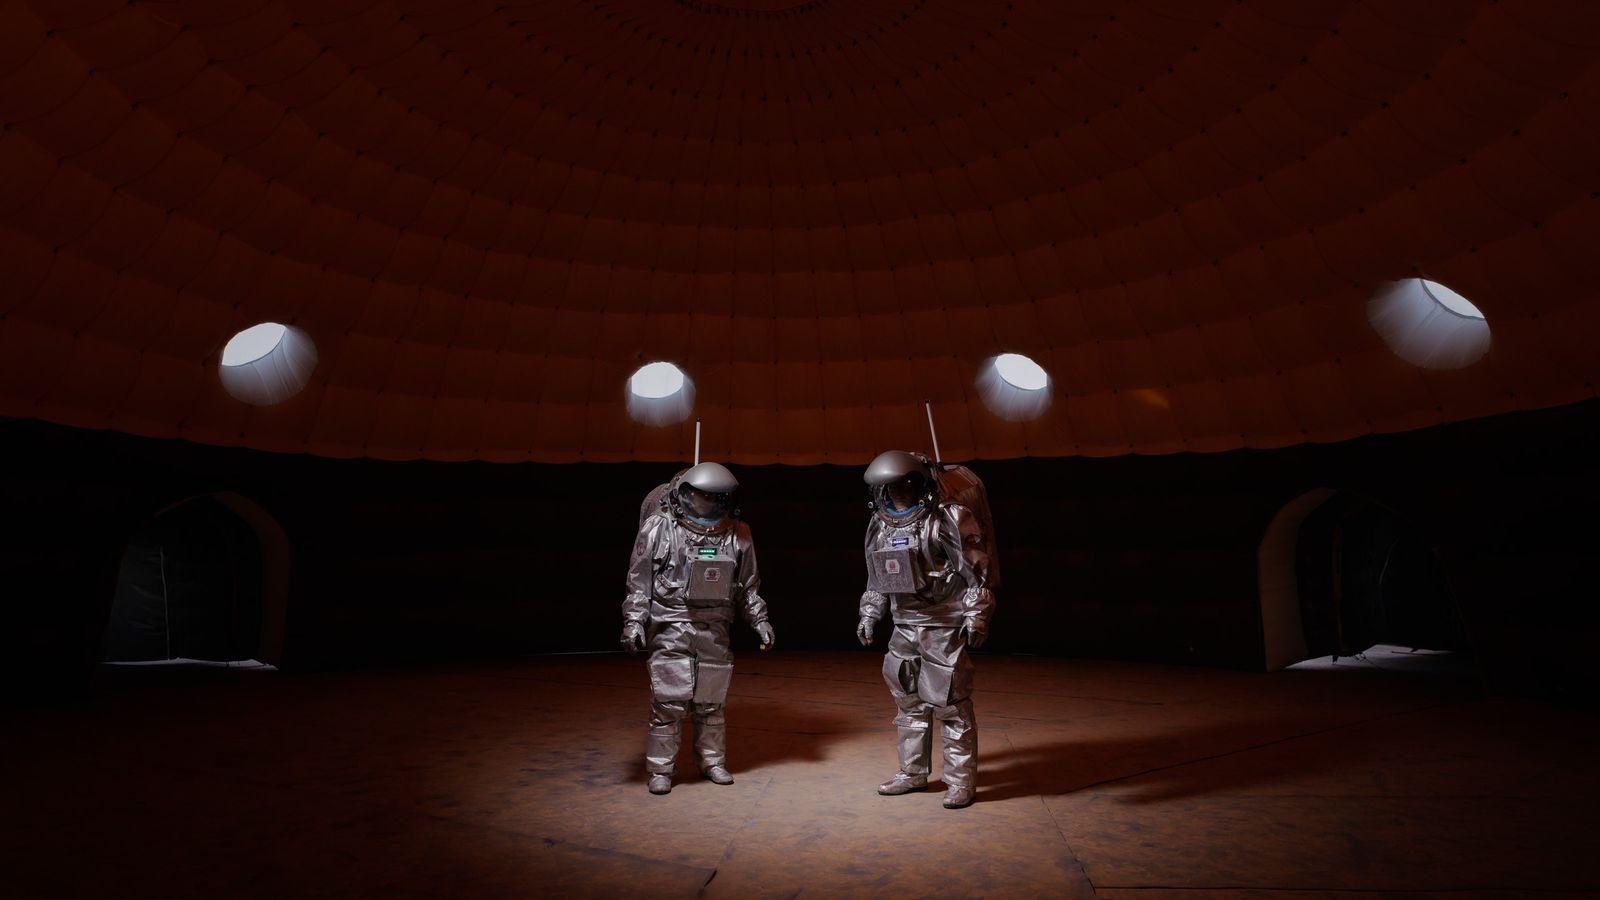 Membros da tripulação, dentro do módulo de habitat da Estação Kepler